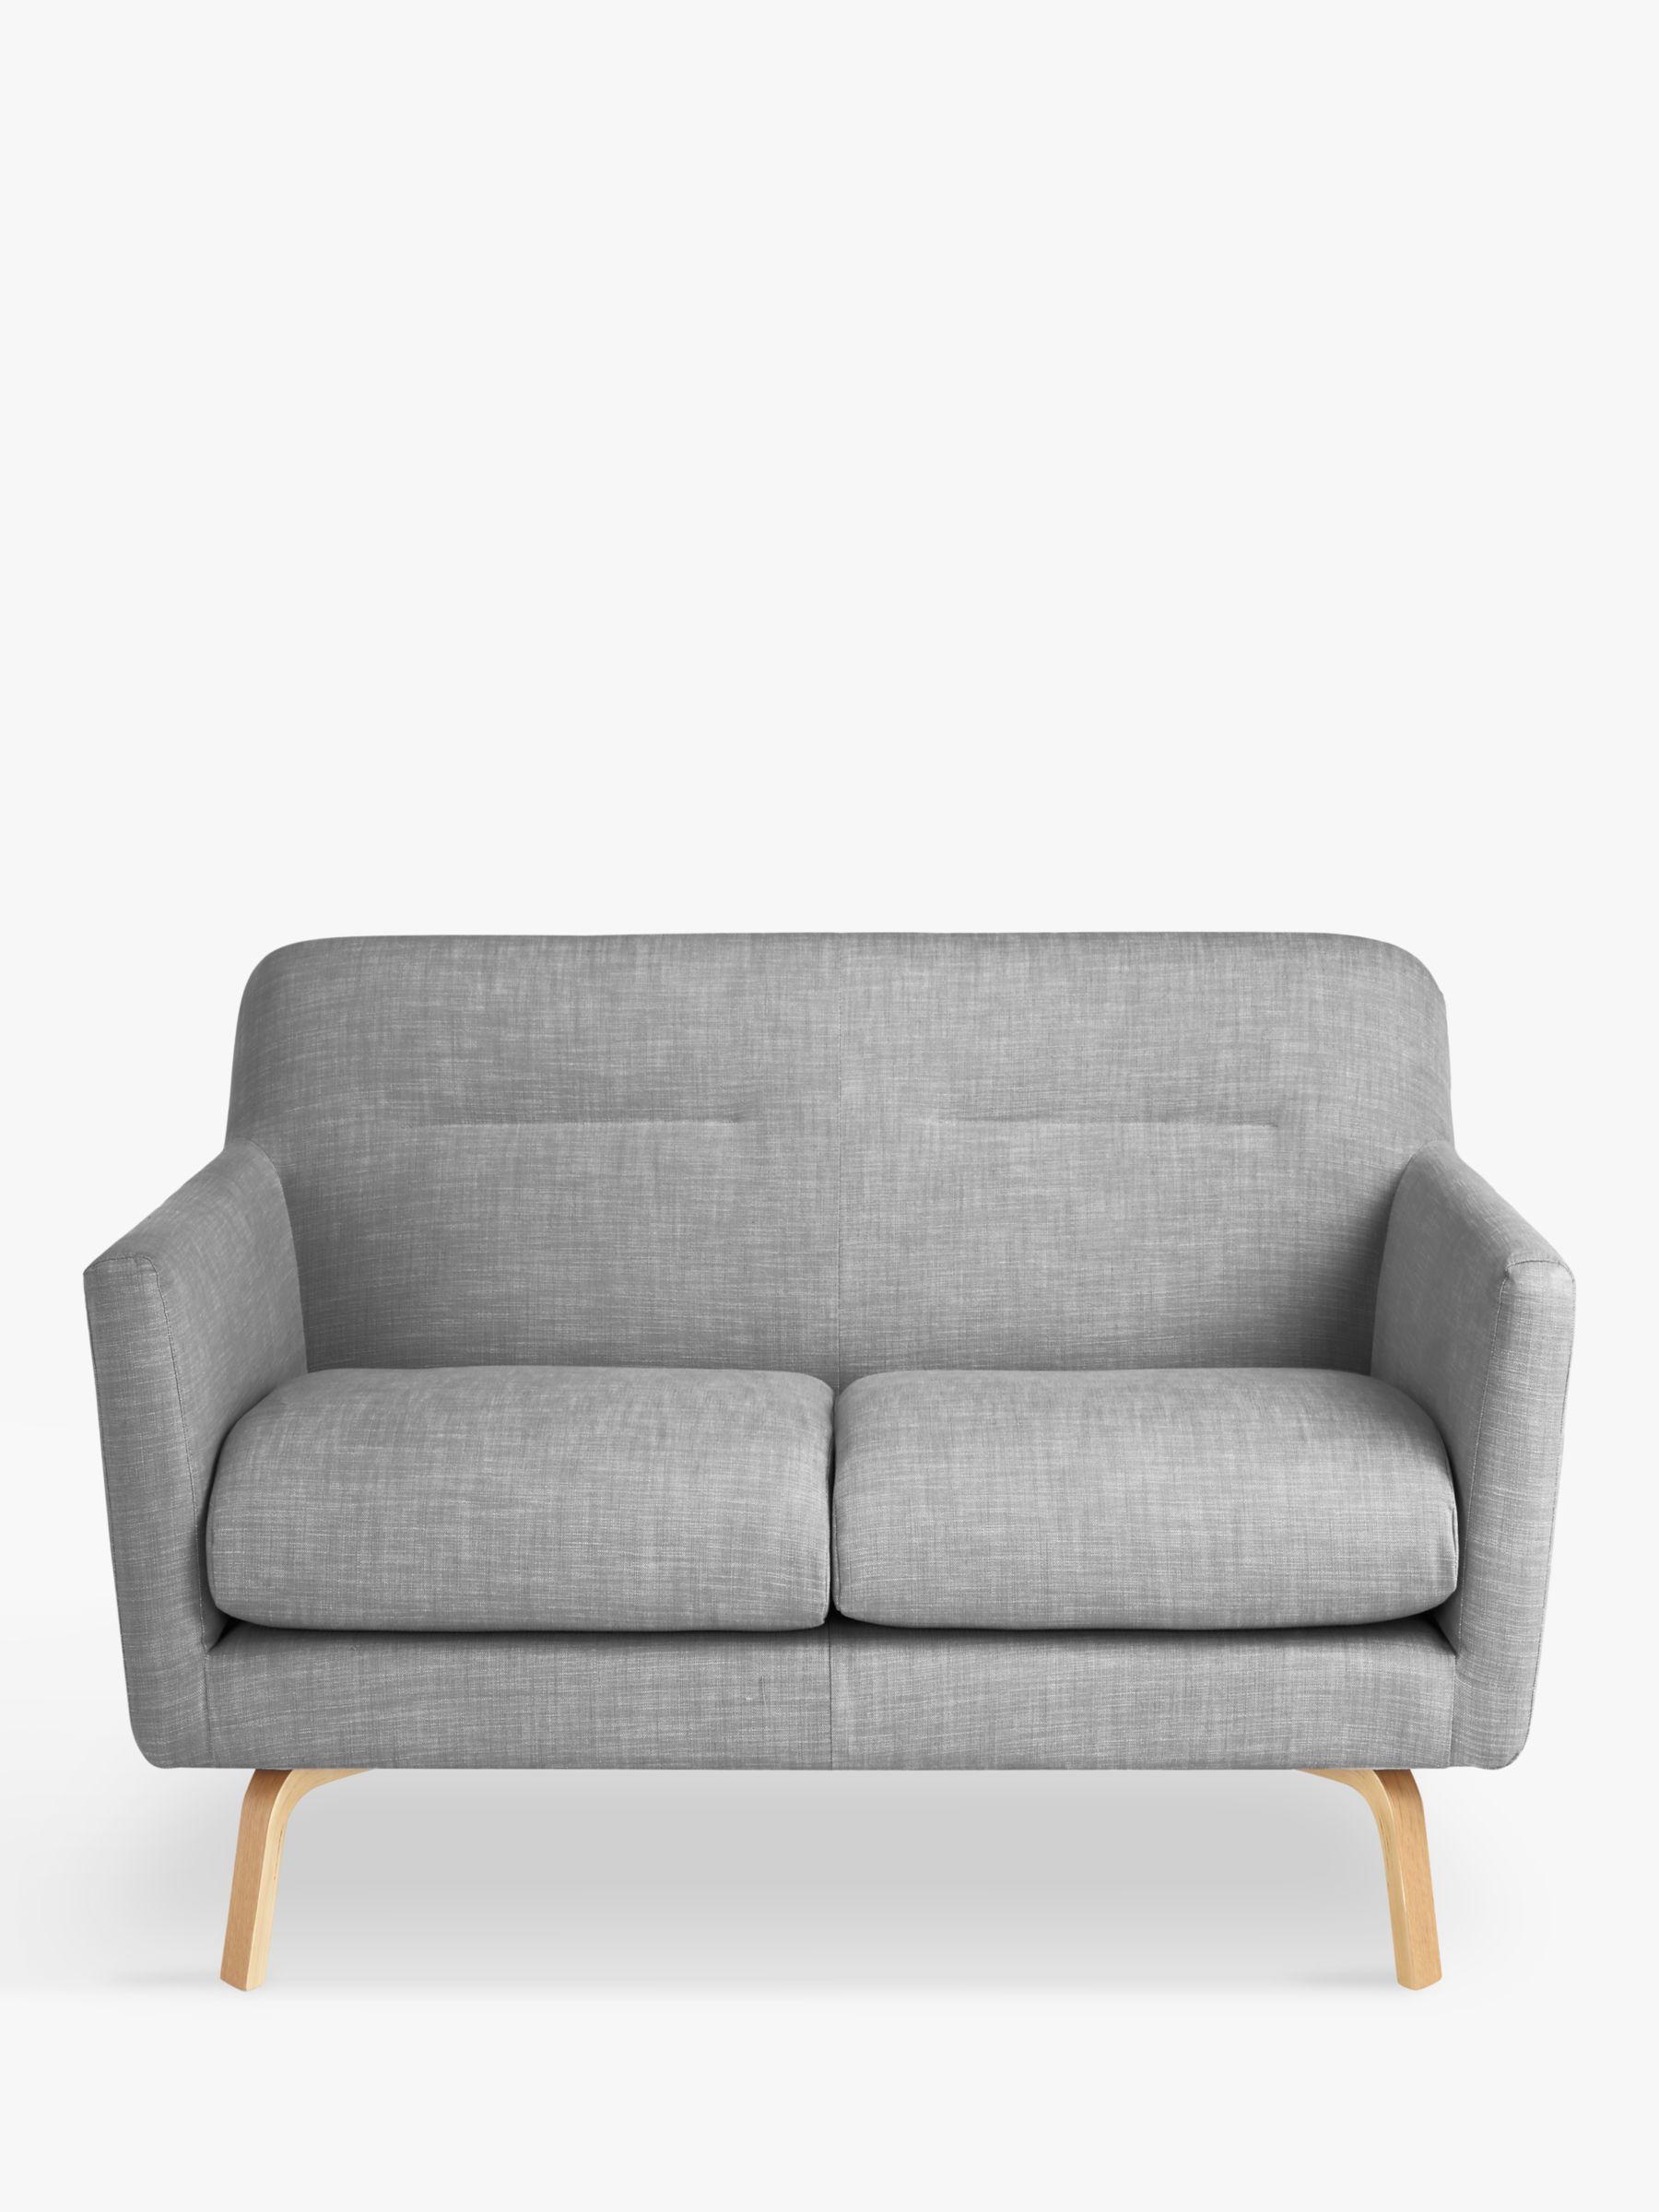 Sofas Sofa Beds Sofas Armchairs John Lewis